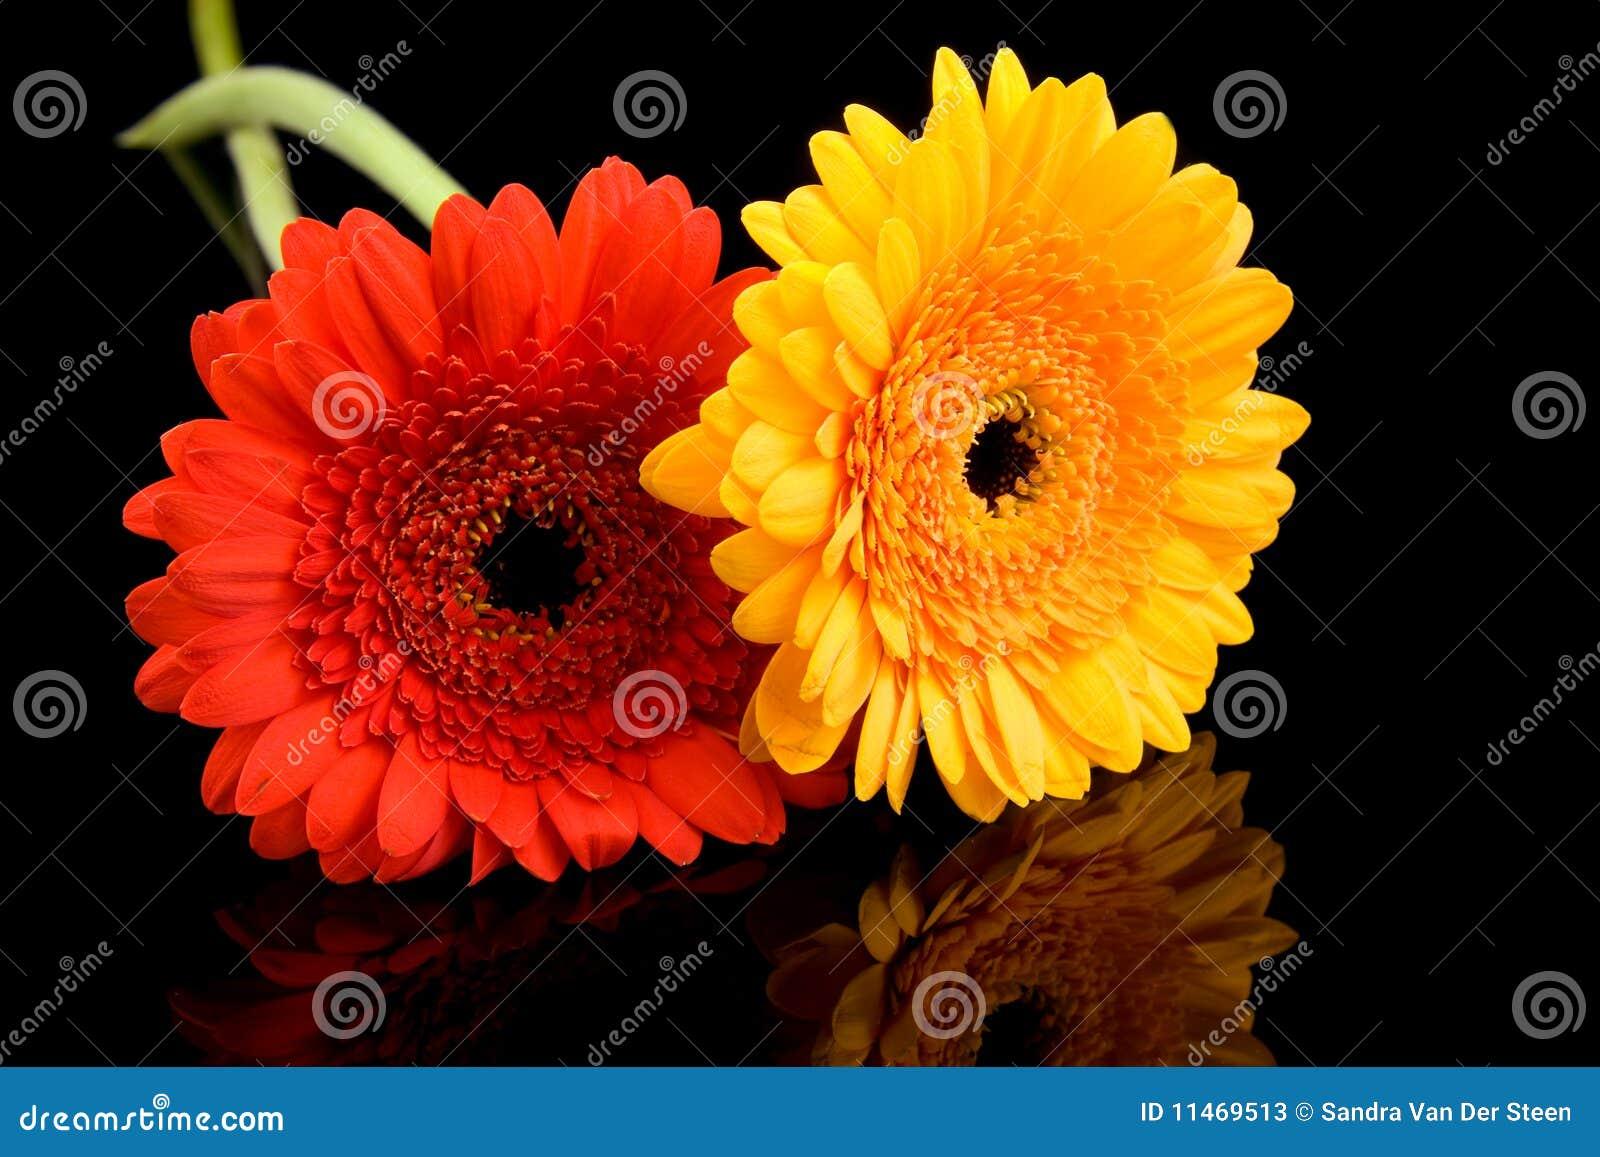 Fiori rossi e gialli del gerber fotografie stock for Fiori gerbere